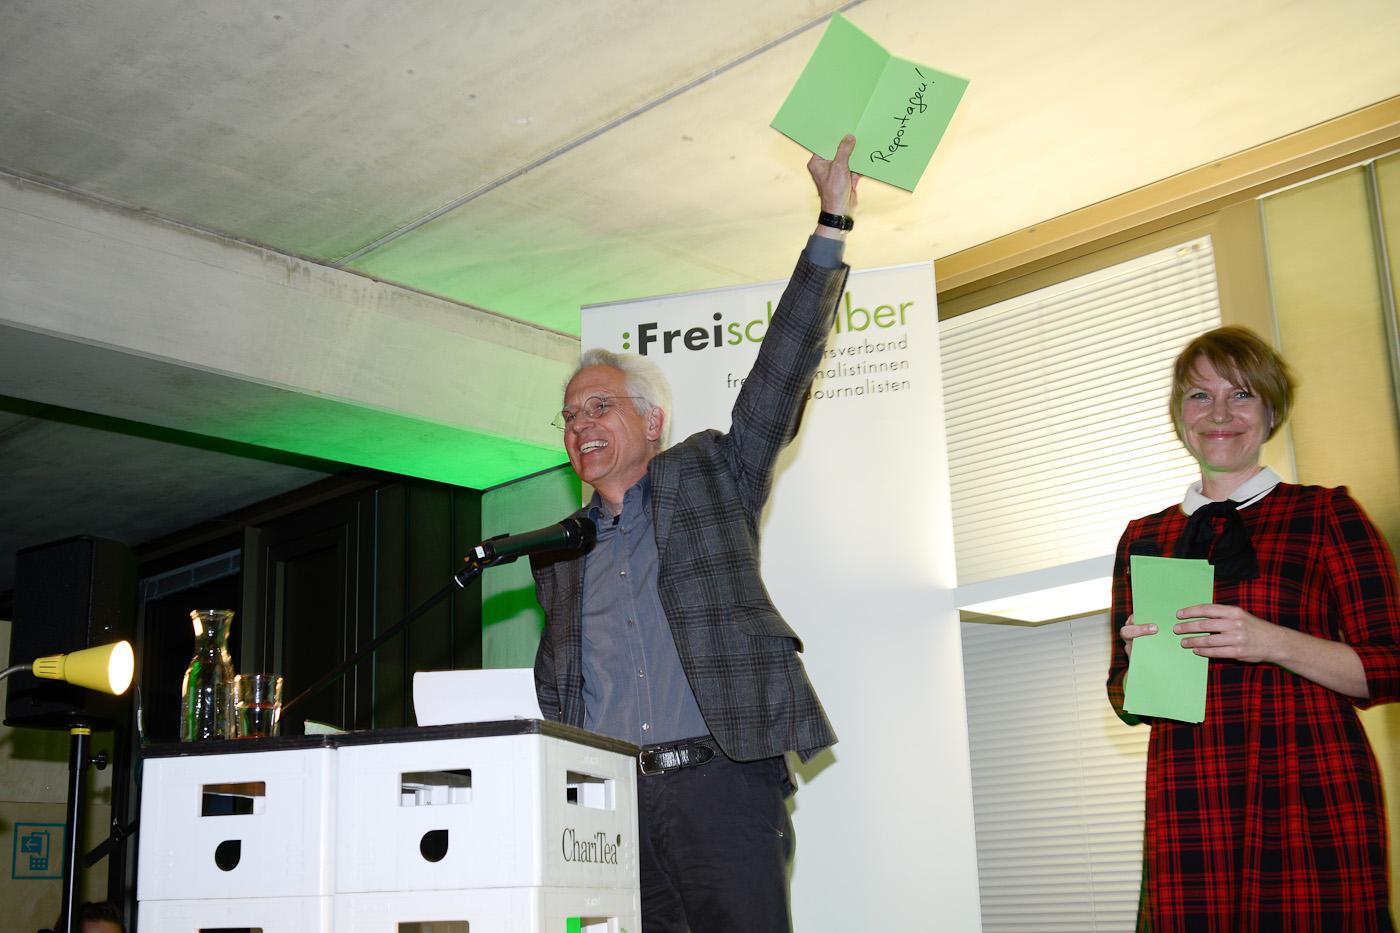 Freischreiber Michael Haller, Moderatorin Kathrin Hartman